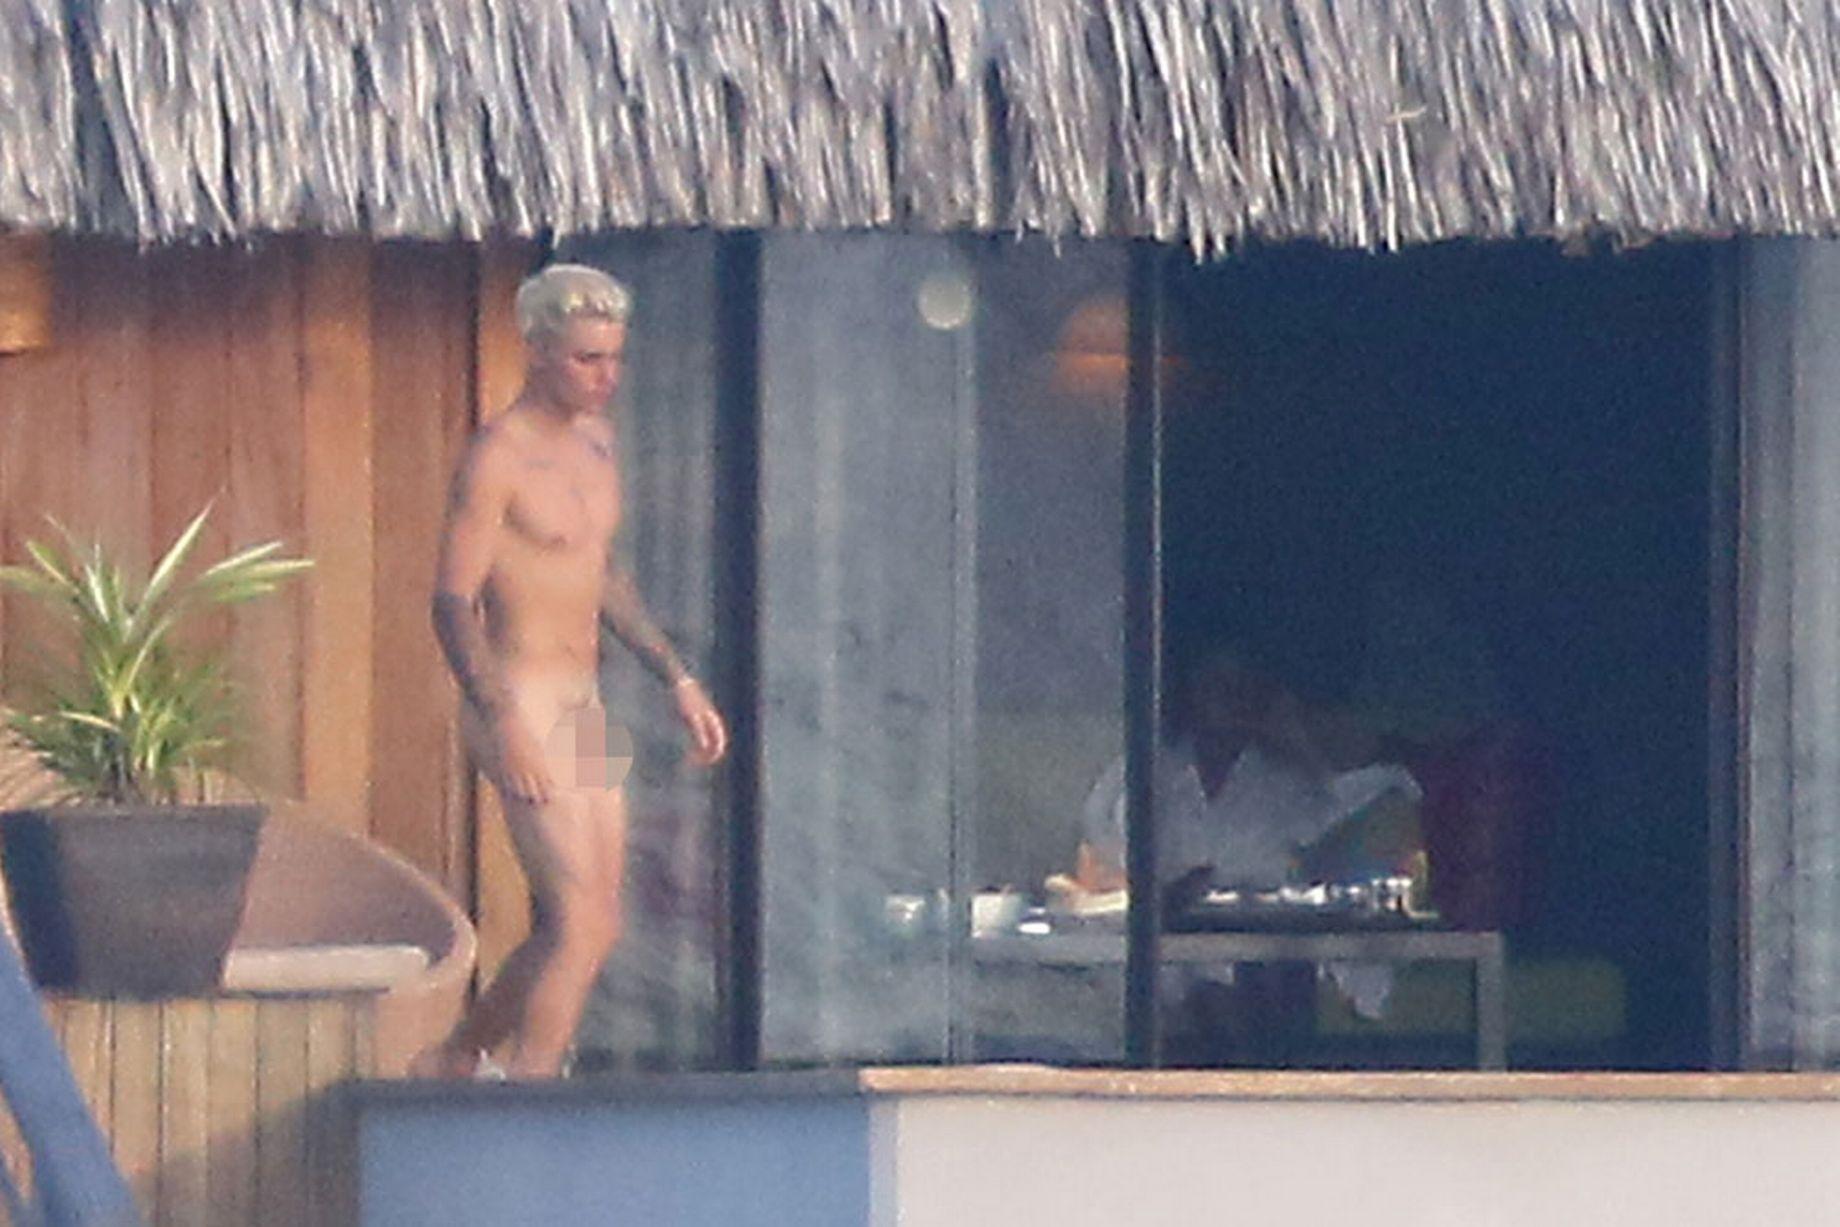 Imagen de Justin Bieber desnudo en Bora Bora de 'Daily News'